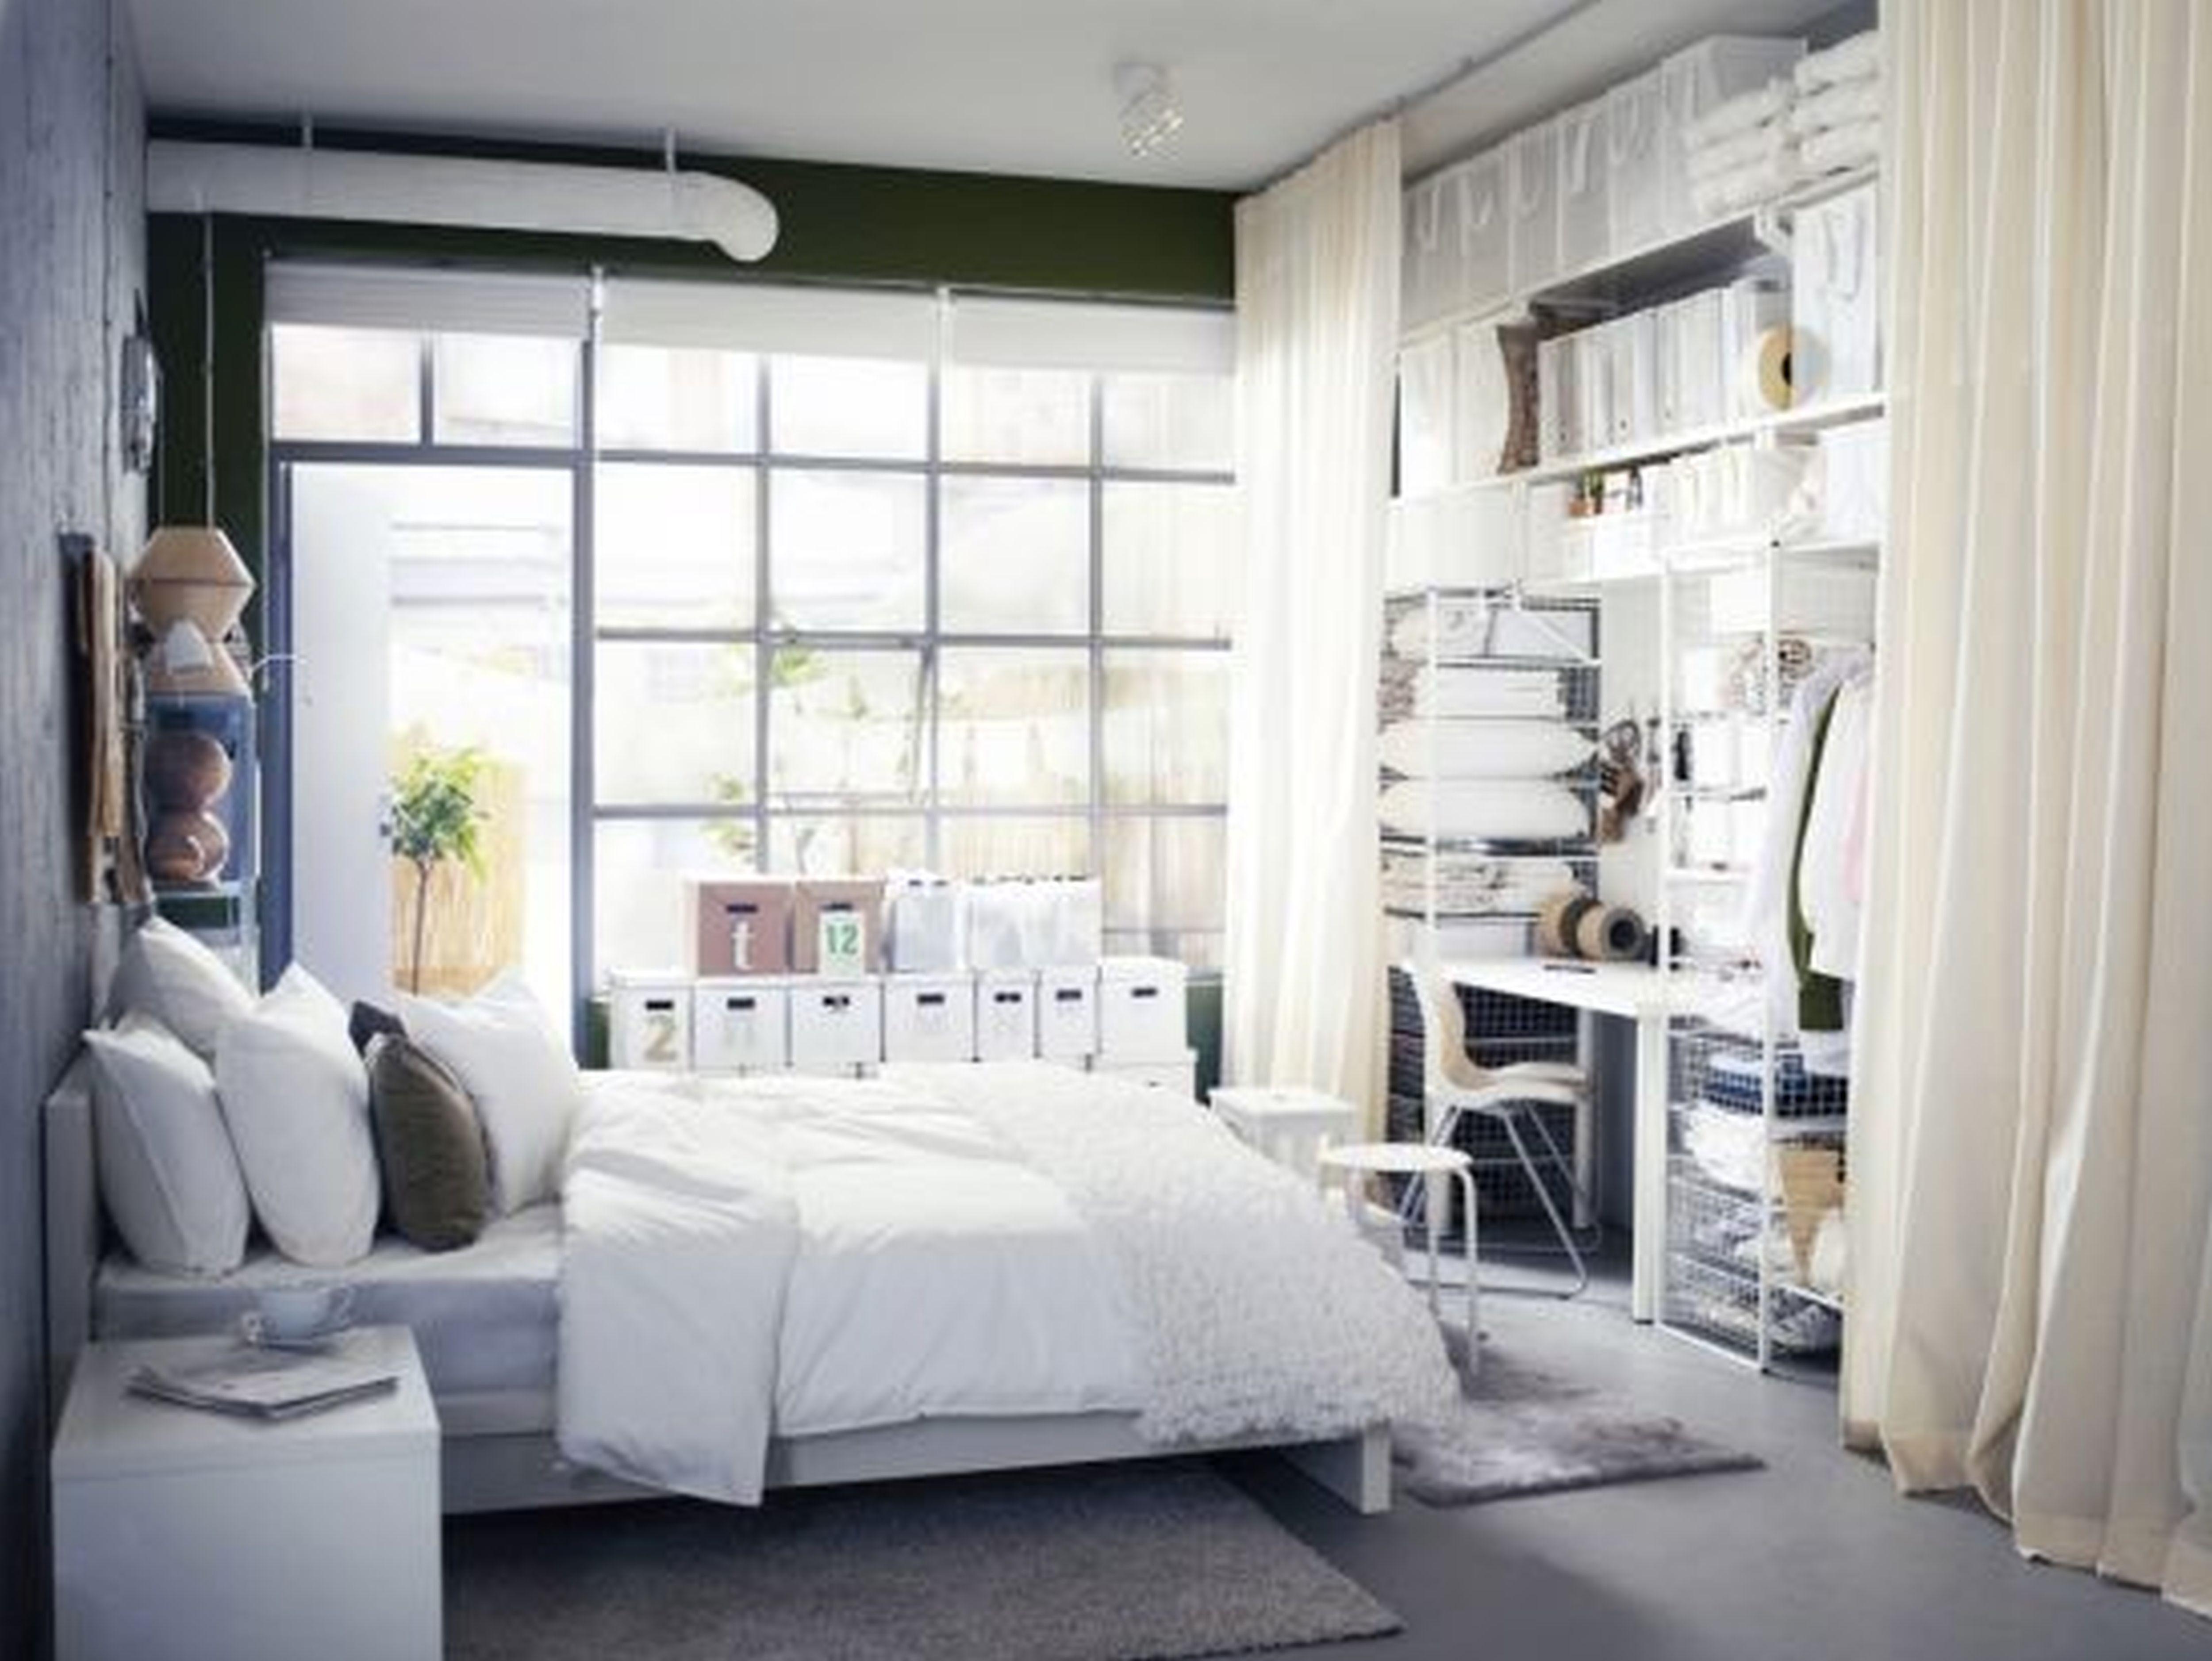 White bedroom IKEA